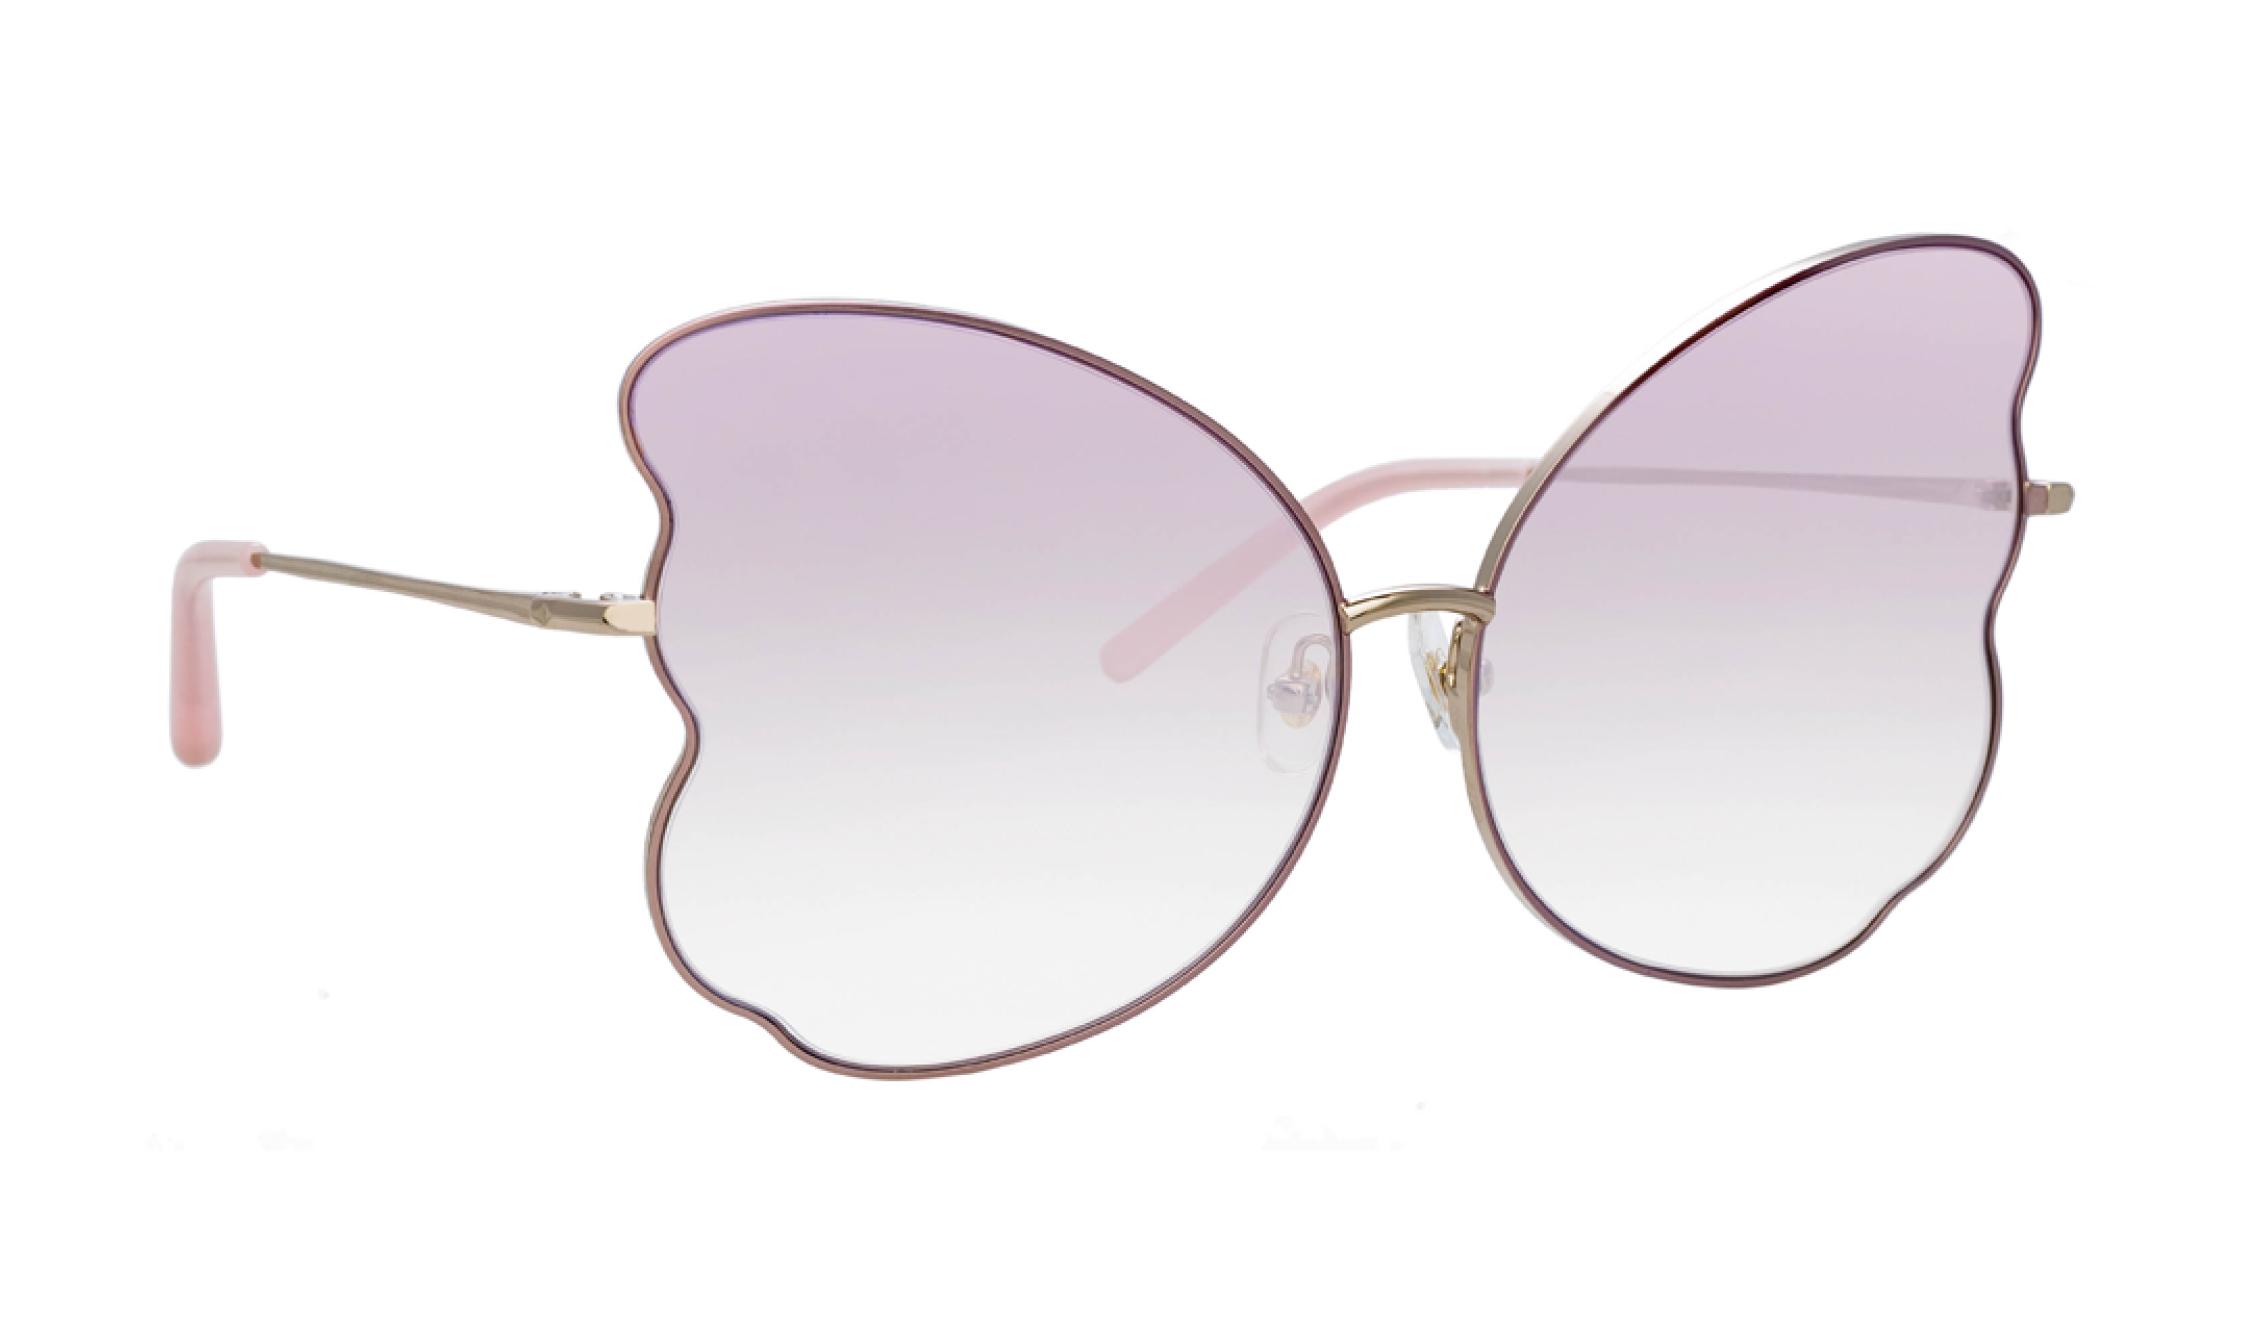 Metal - Las lentes recortadas y las monturas dobles u onduladas añaden interés de moda. Opta por lentes tintadas para sumar color. (WGSN)